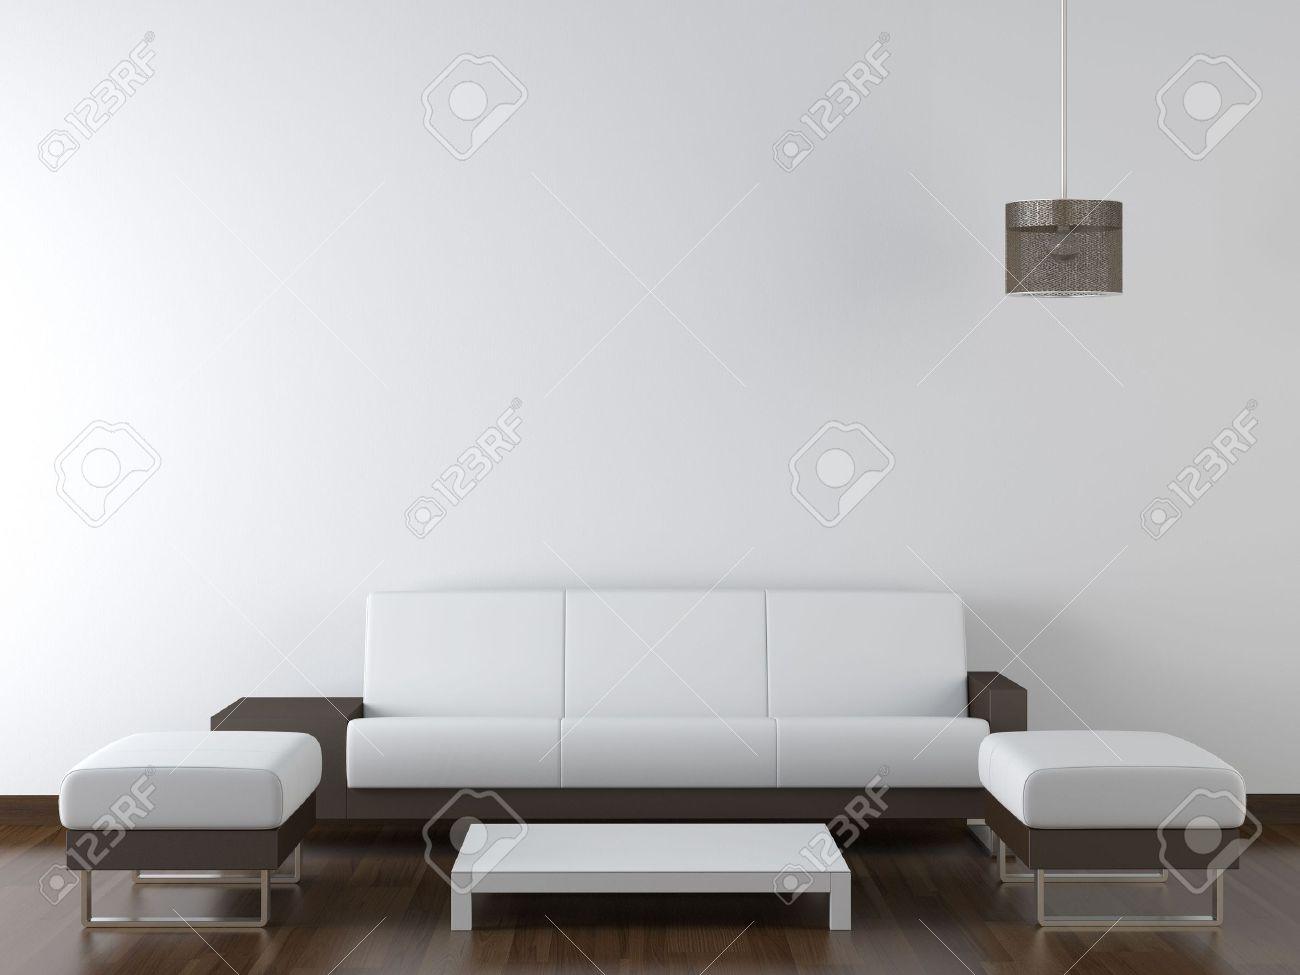 Interior Design Der Modernen Weiß Und Braun Wohnzimmer Möbel Weiße Wand Mit  Einer Lampe Hängenden